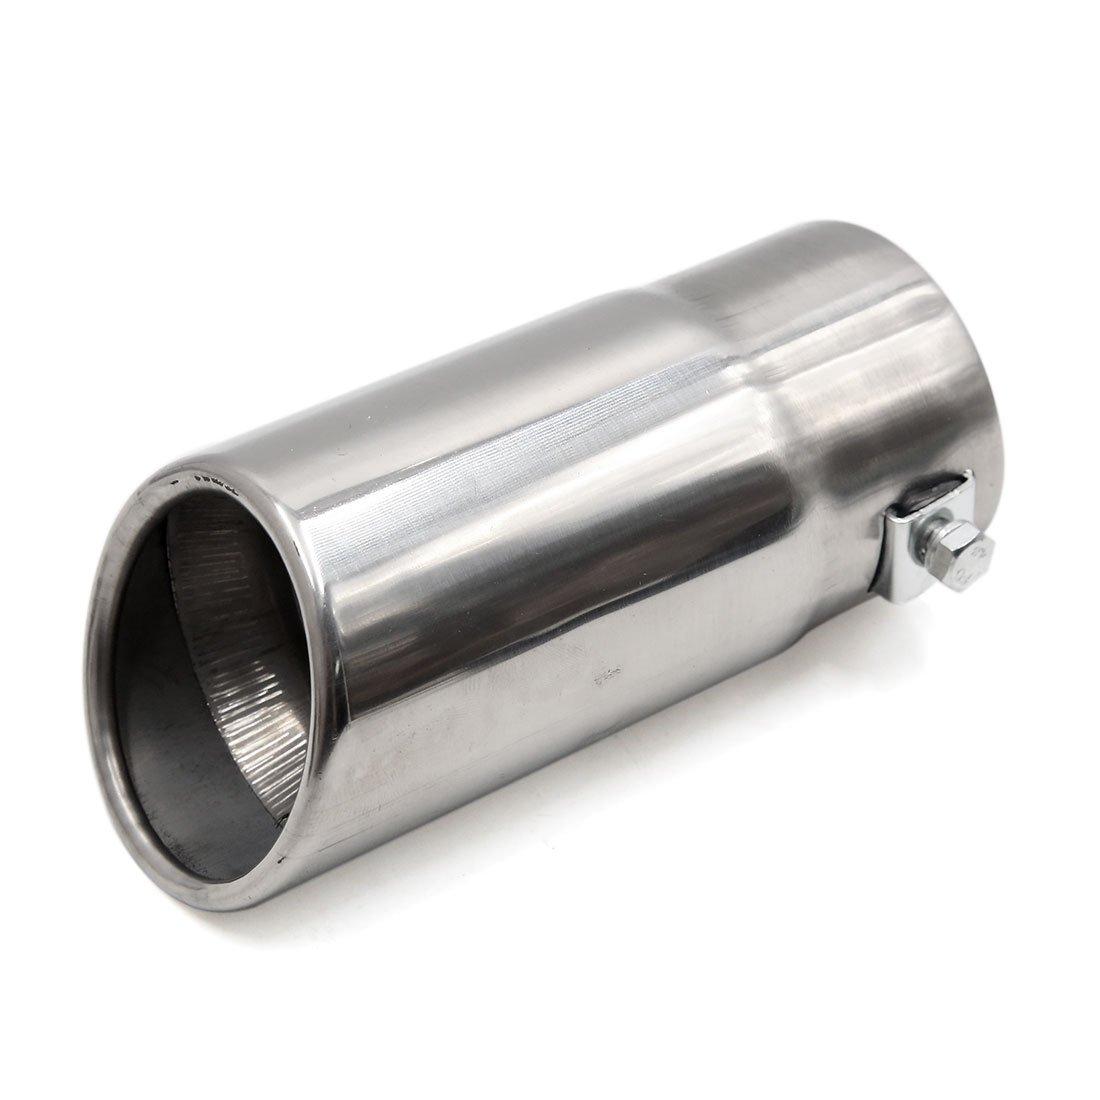 sourcingmap® Modification Auto Voiture Acier Inoxydable tuyau échappement Silencieux 60mm Tête silencieux Inlet a17041200ux1210